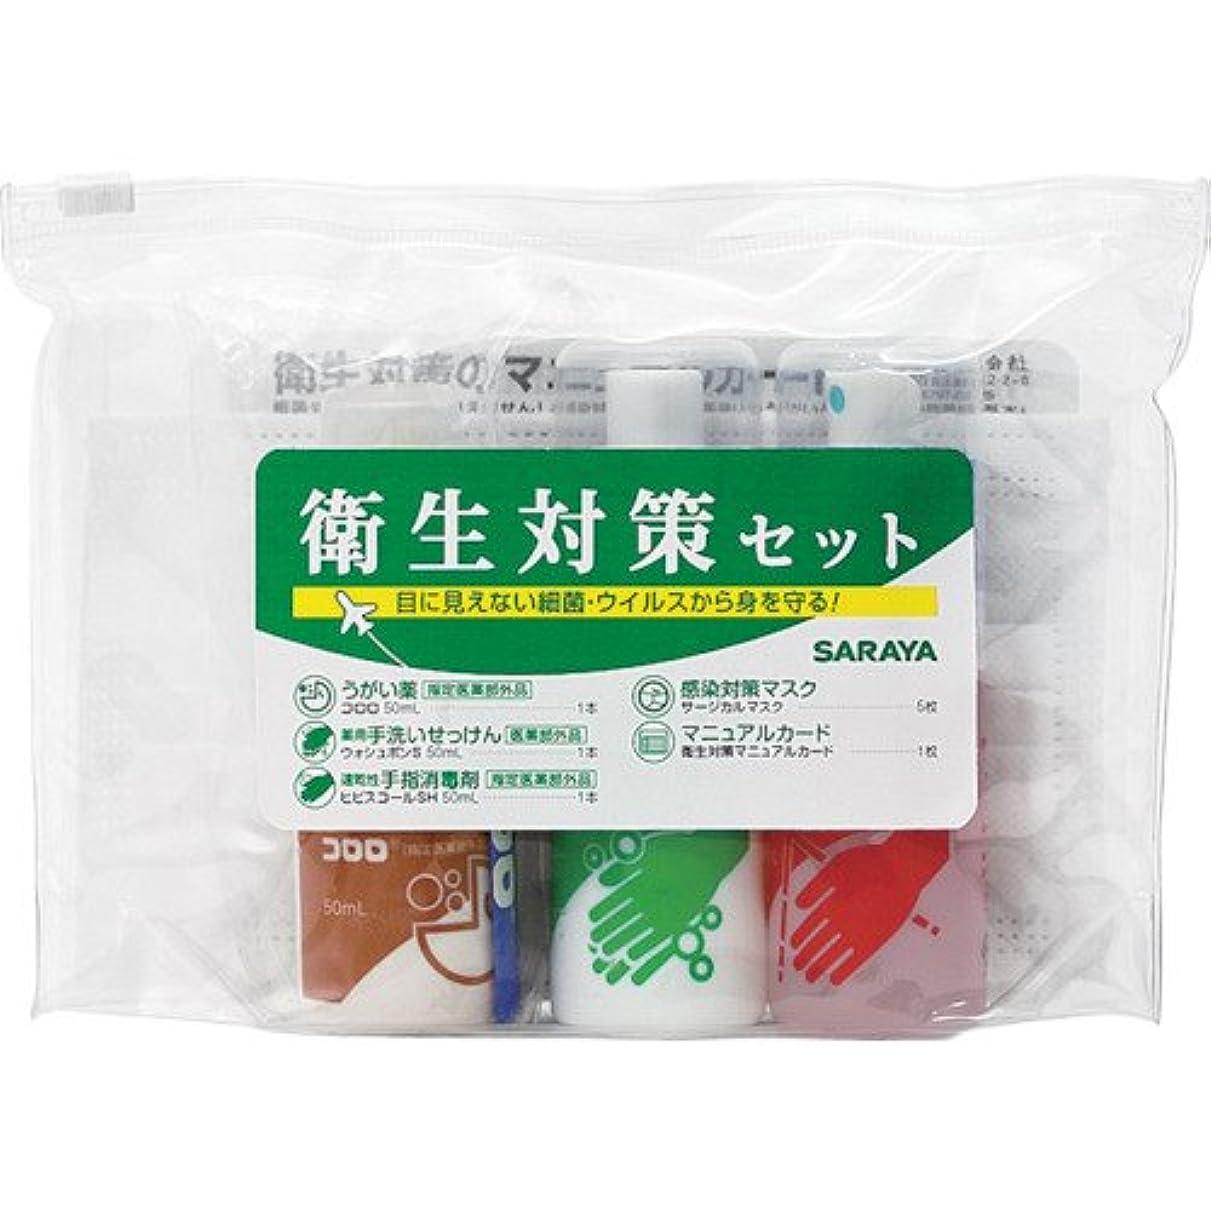 忌避剤ショッピングセンター吸収剤サラヤ 衛生対策セットN 42393